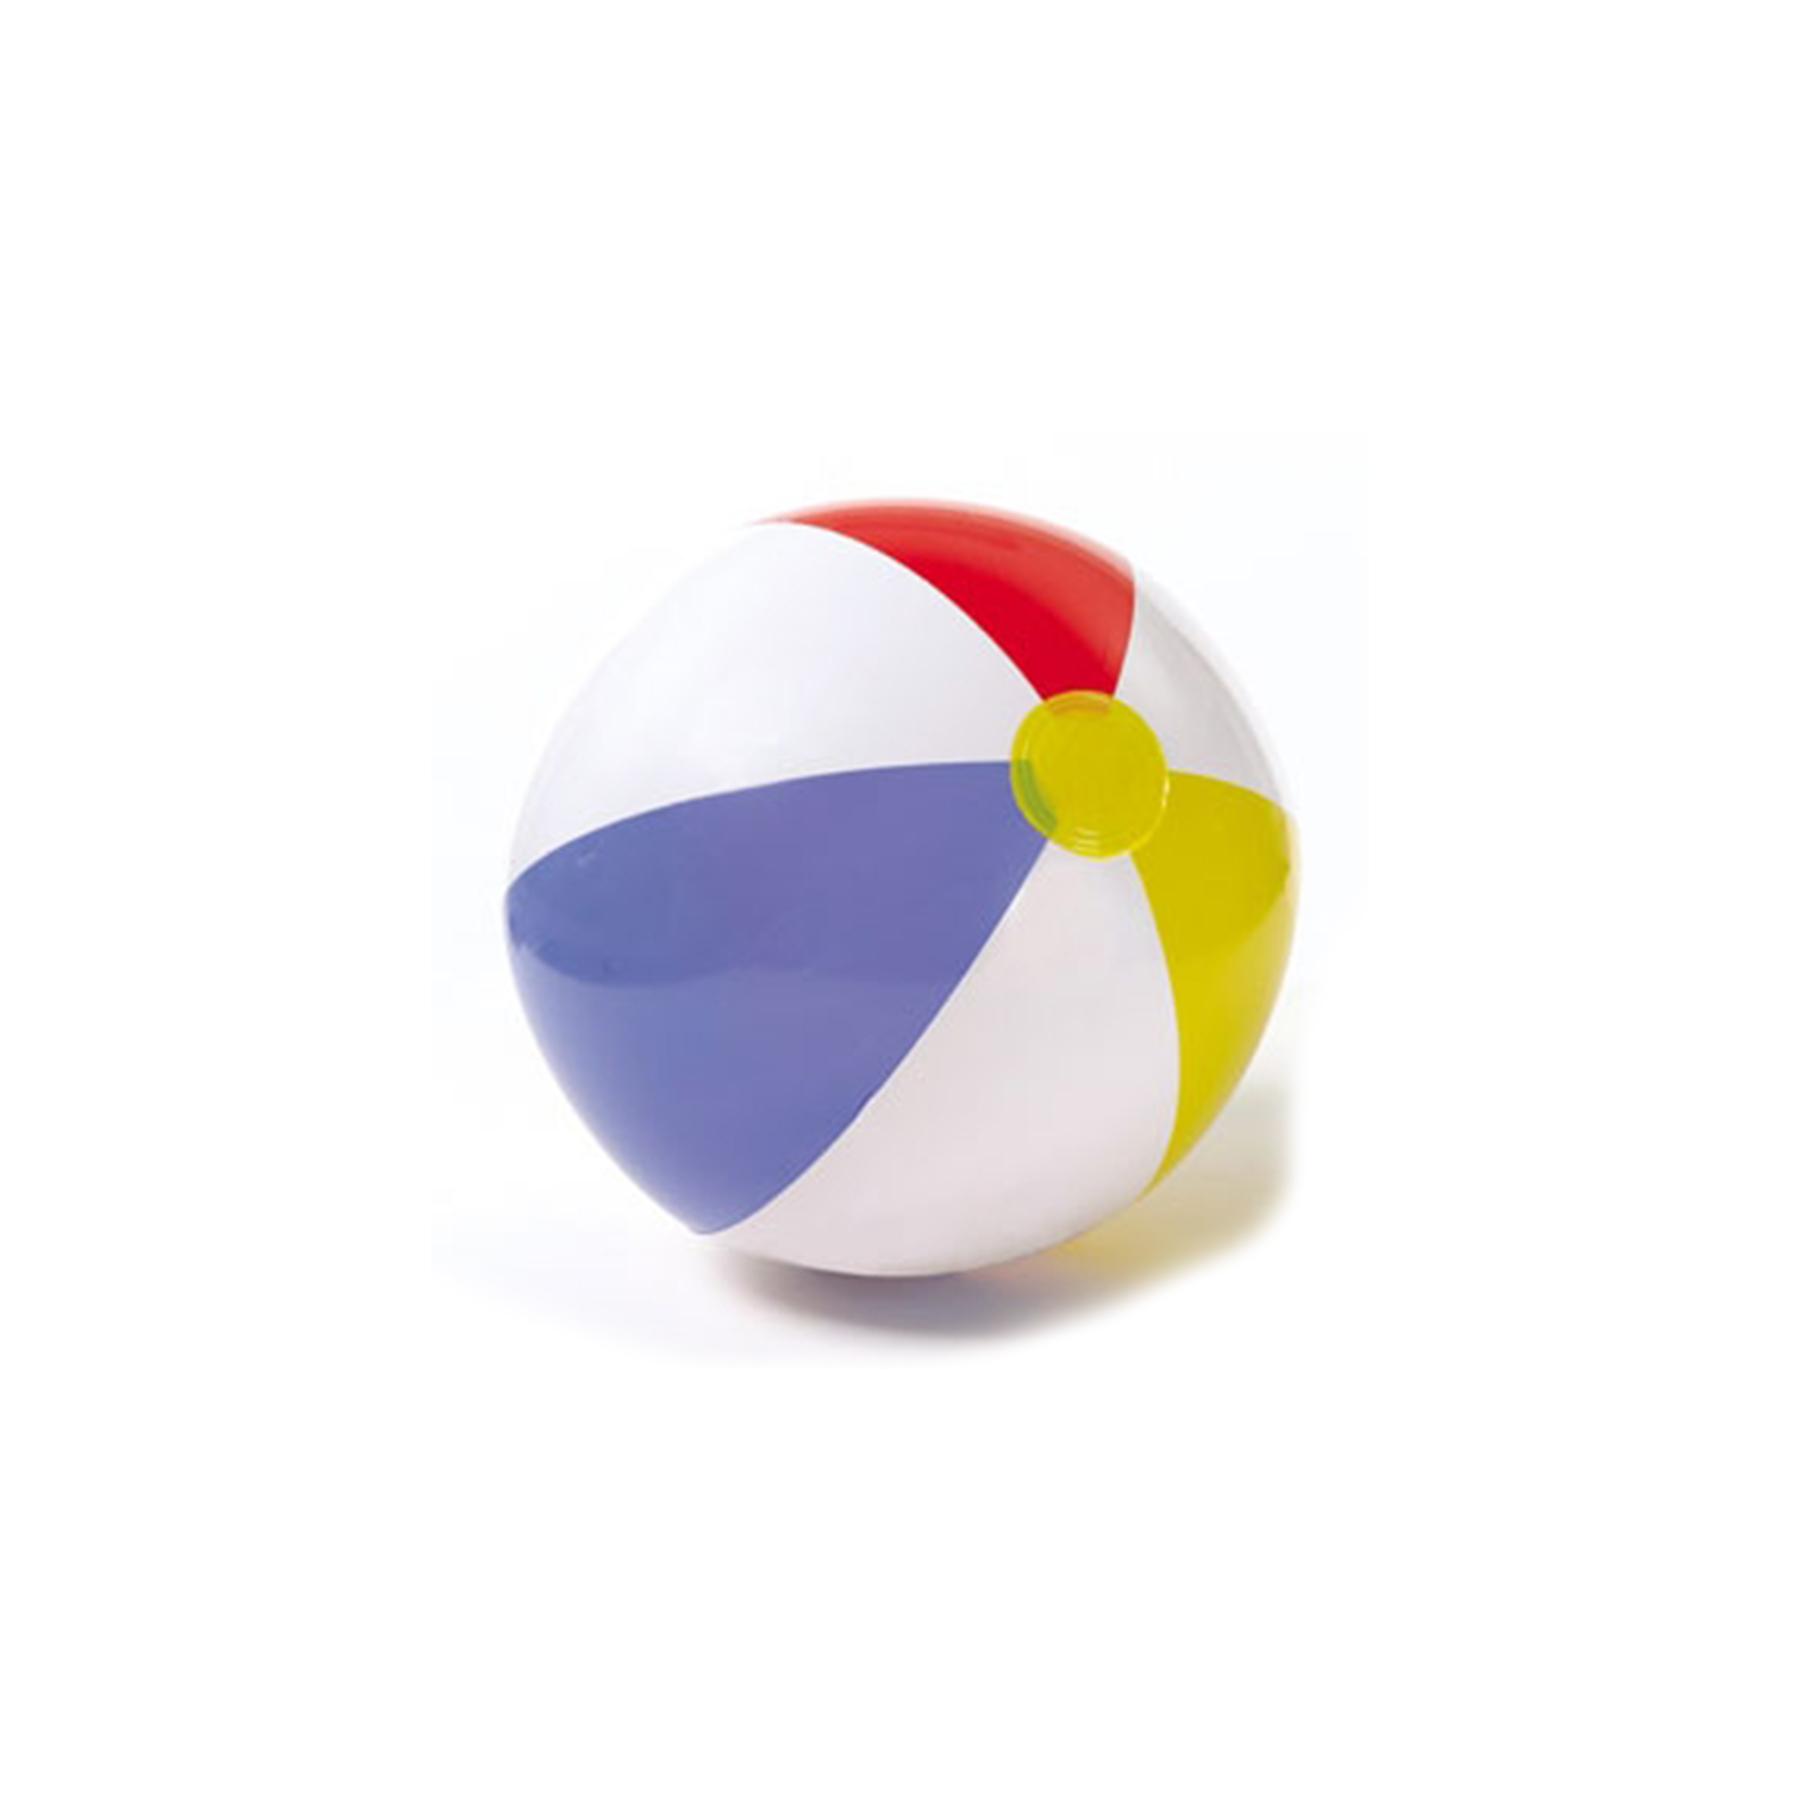 59020 Мяч 6-цветный 51см